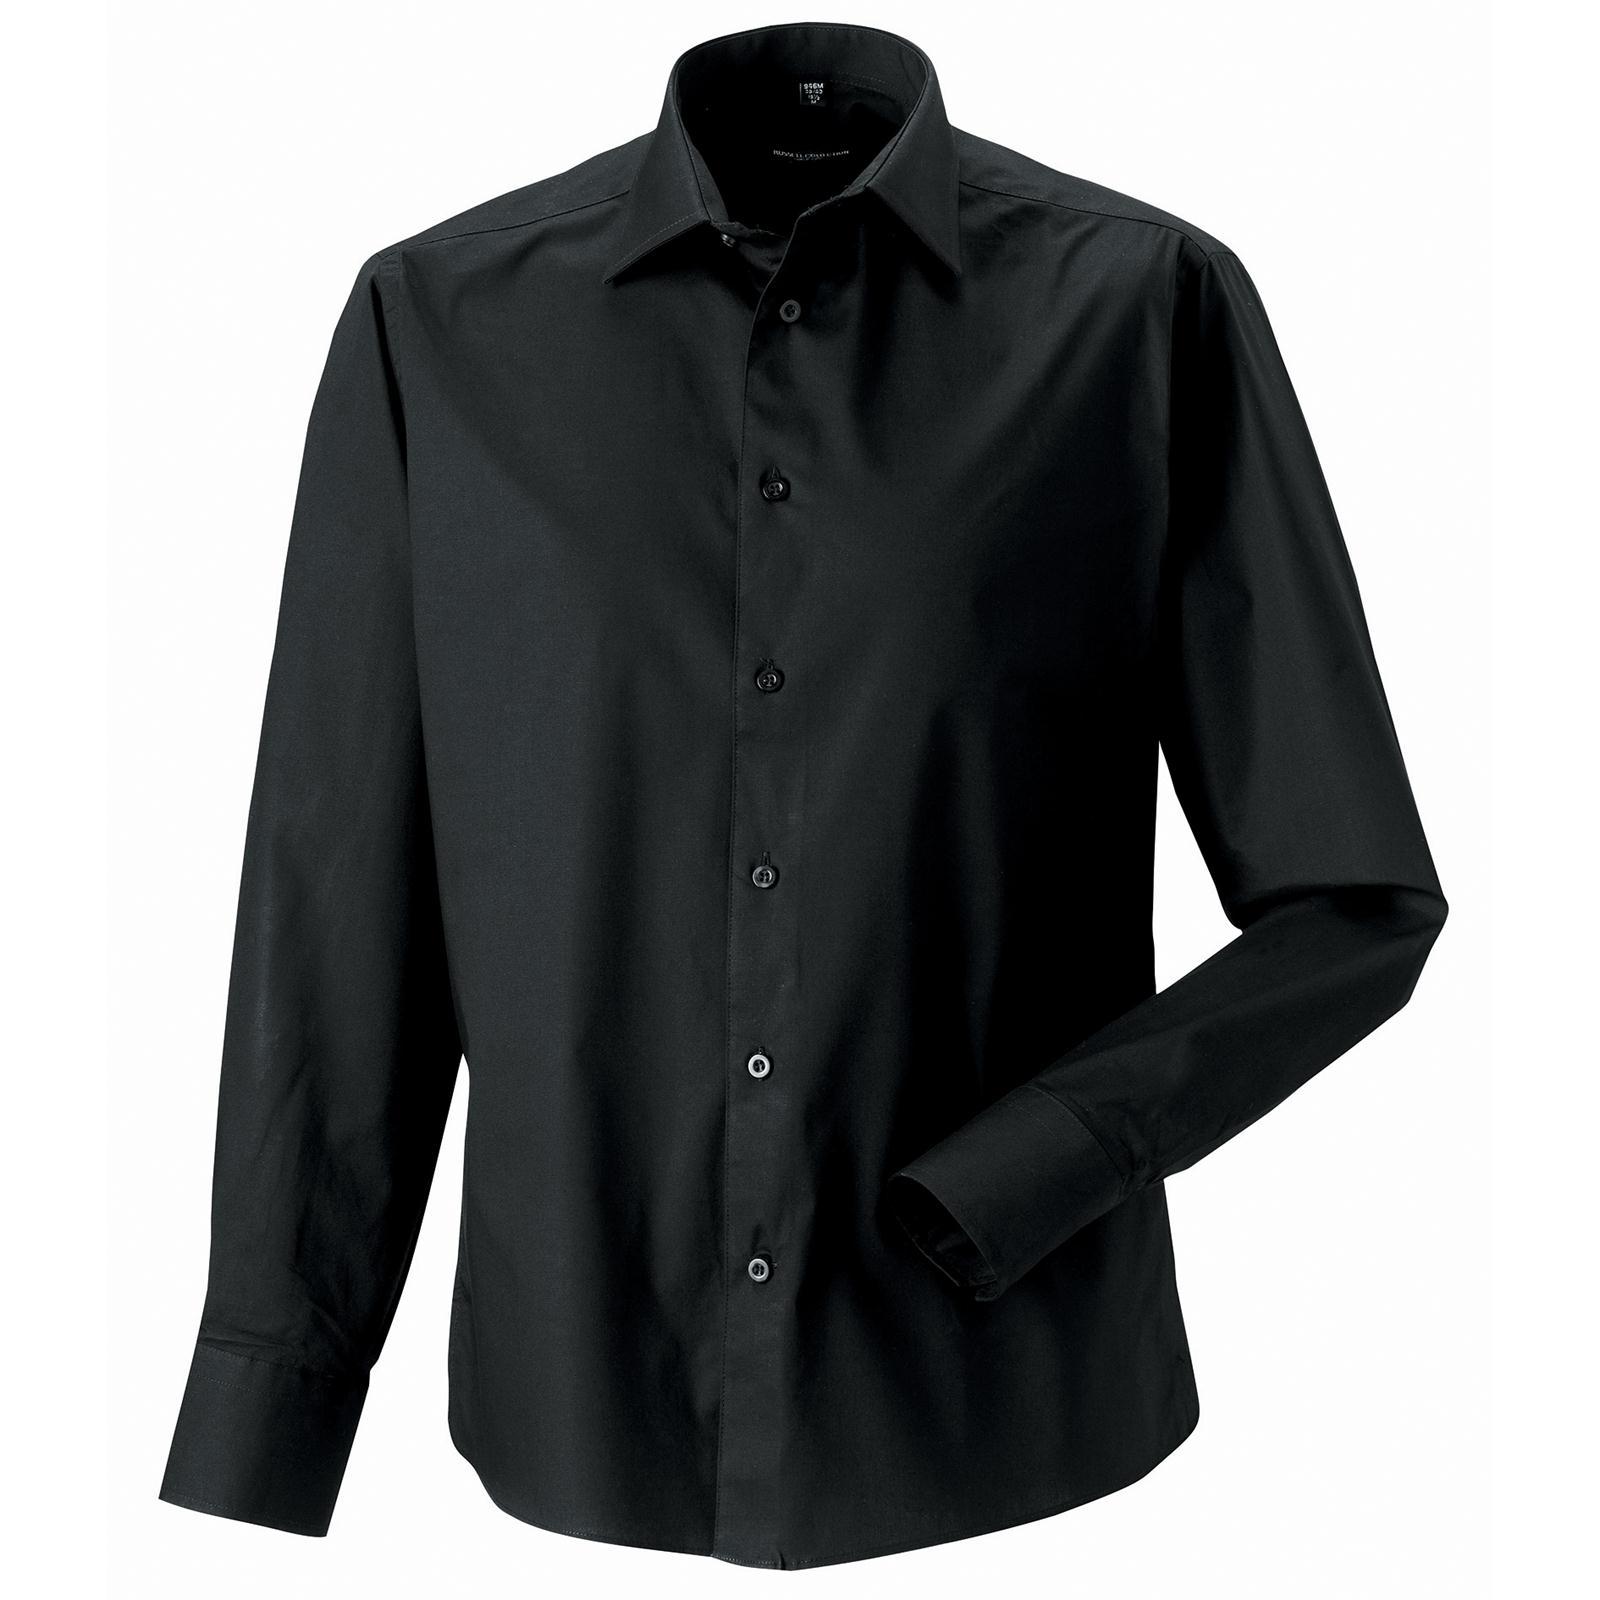 Nuovo Russell Collection Maniche Lunghe Aderente Camicia In 4 Colori S 4XL